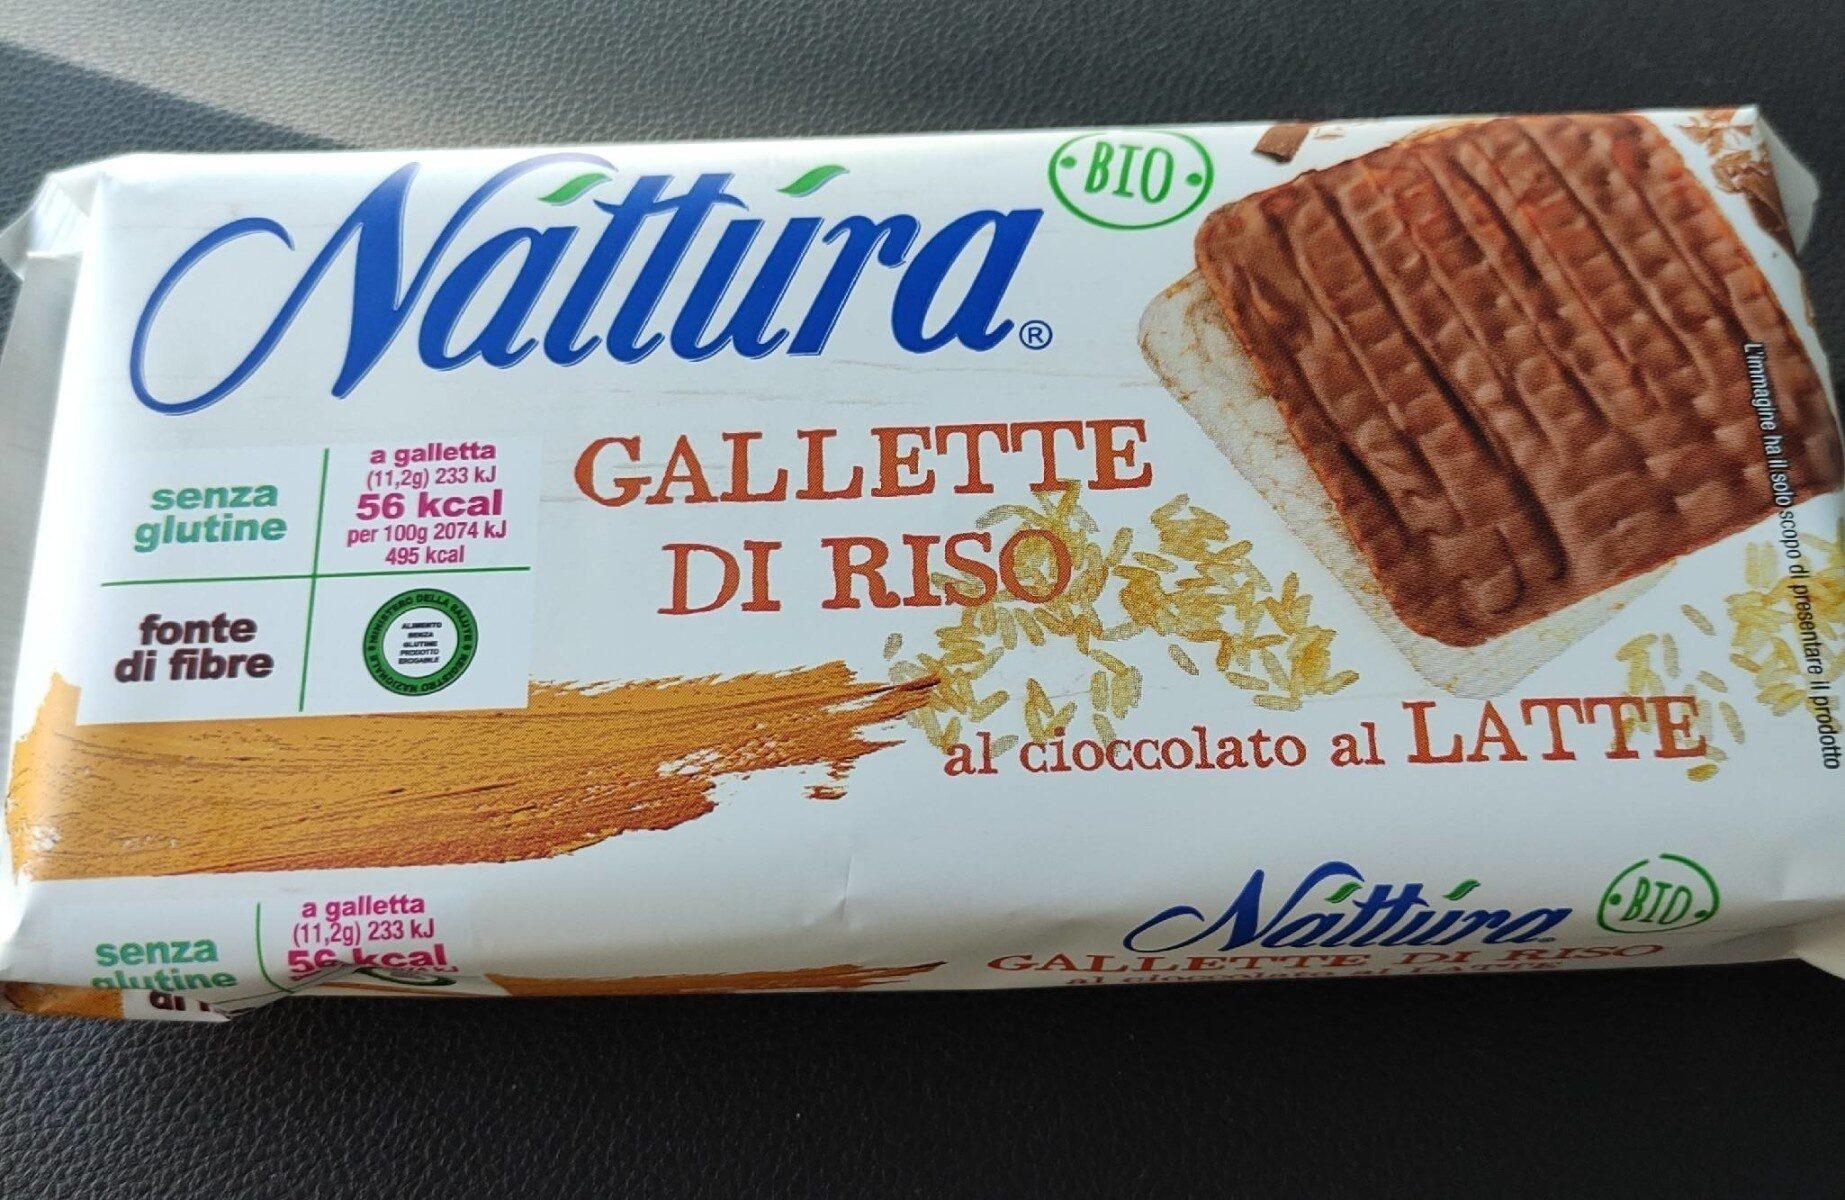 Gallette di riso al cioccolato al latte - Product - it